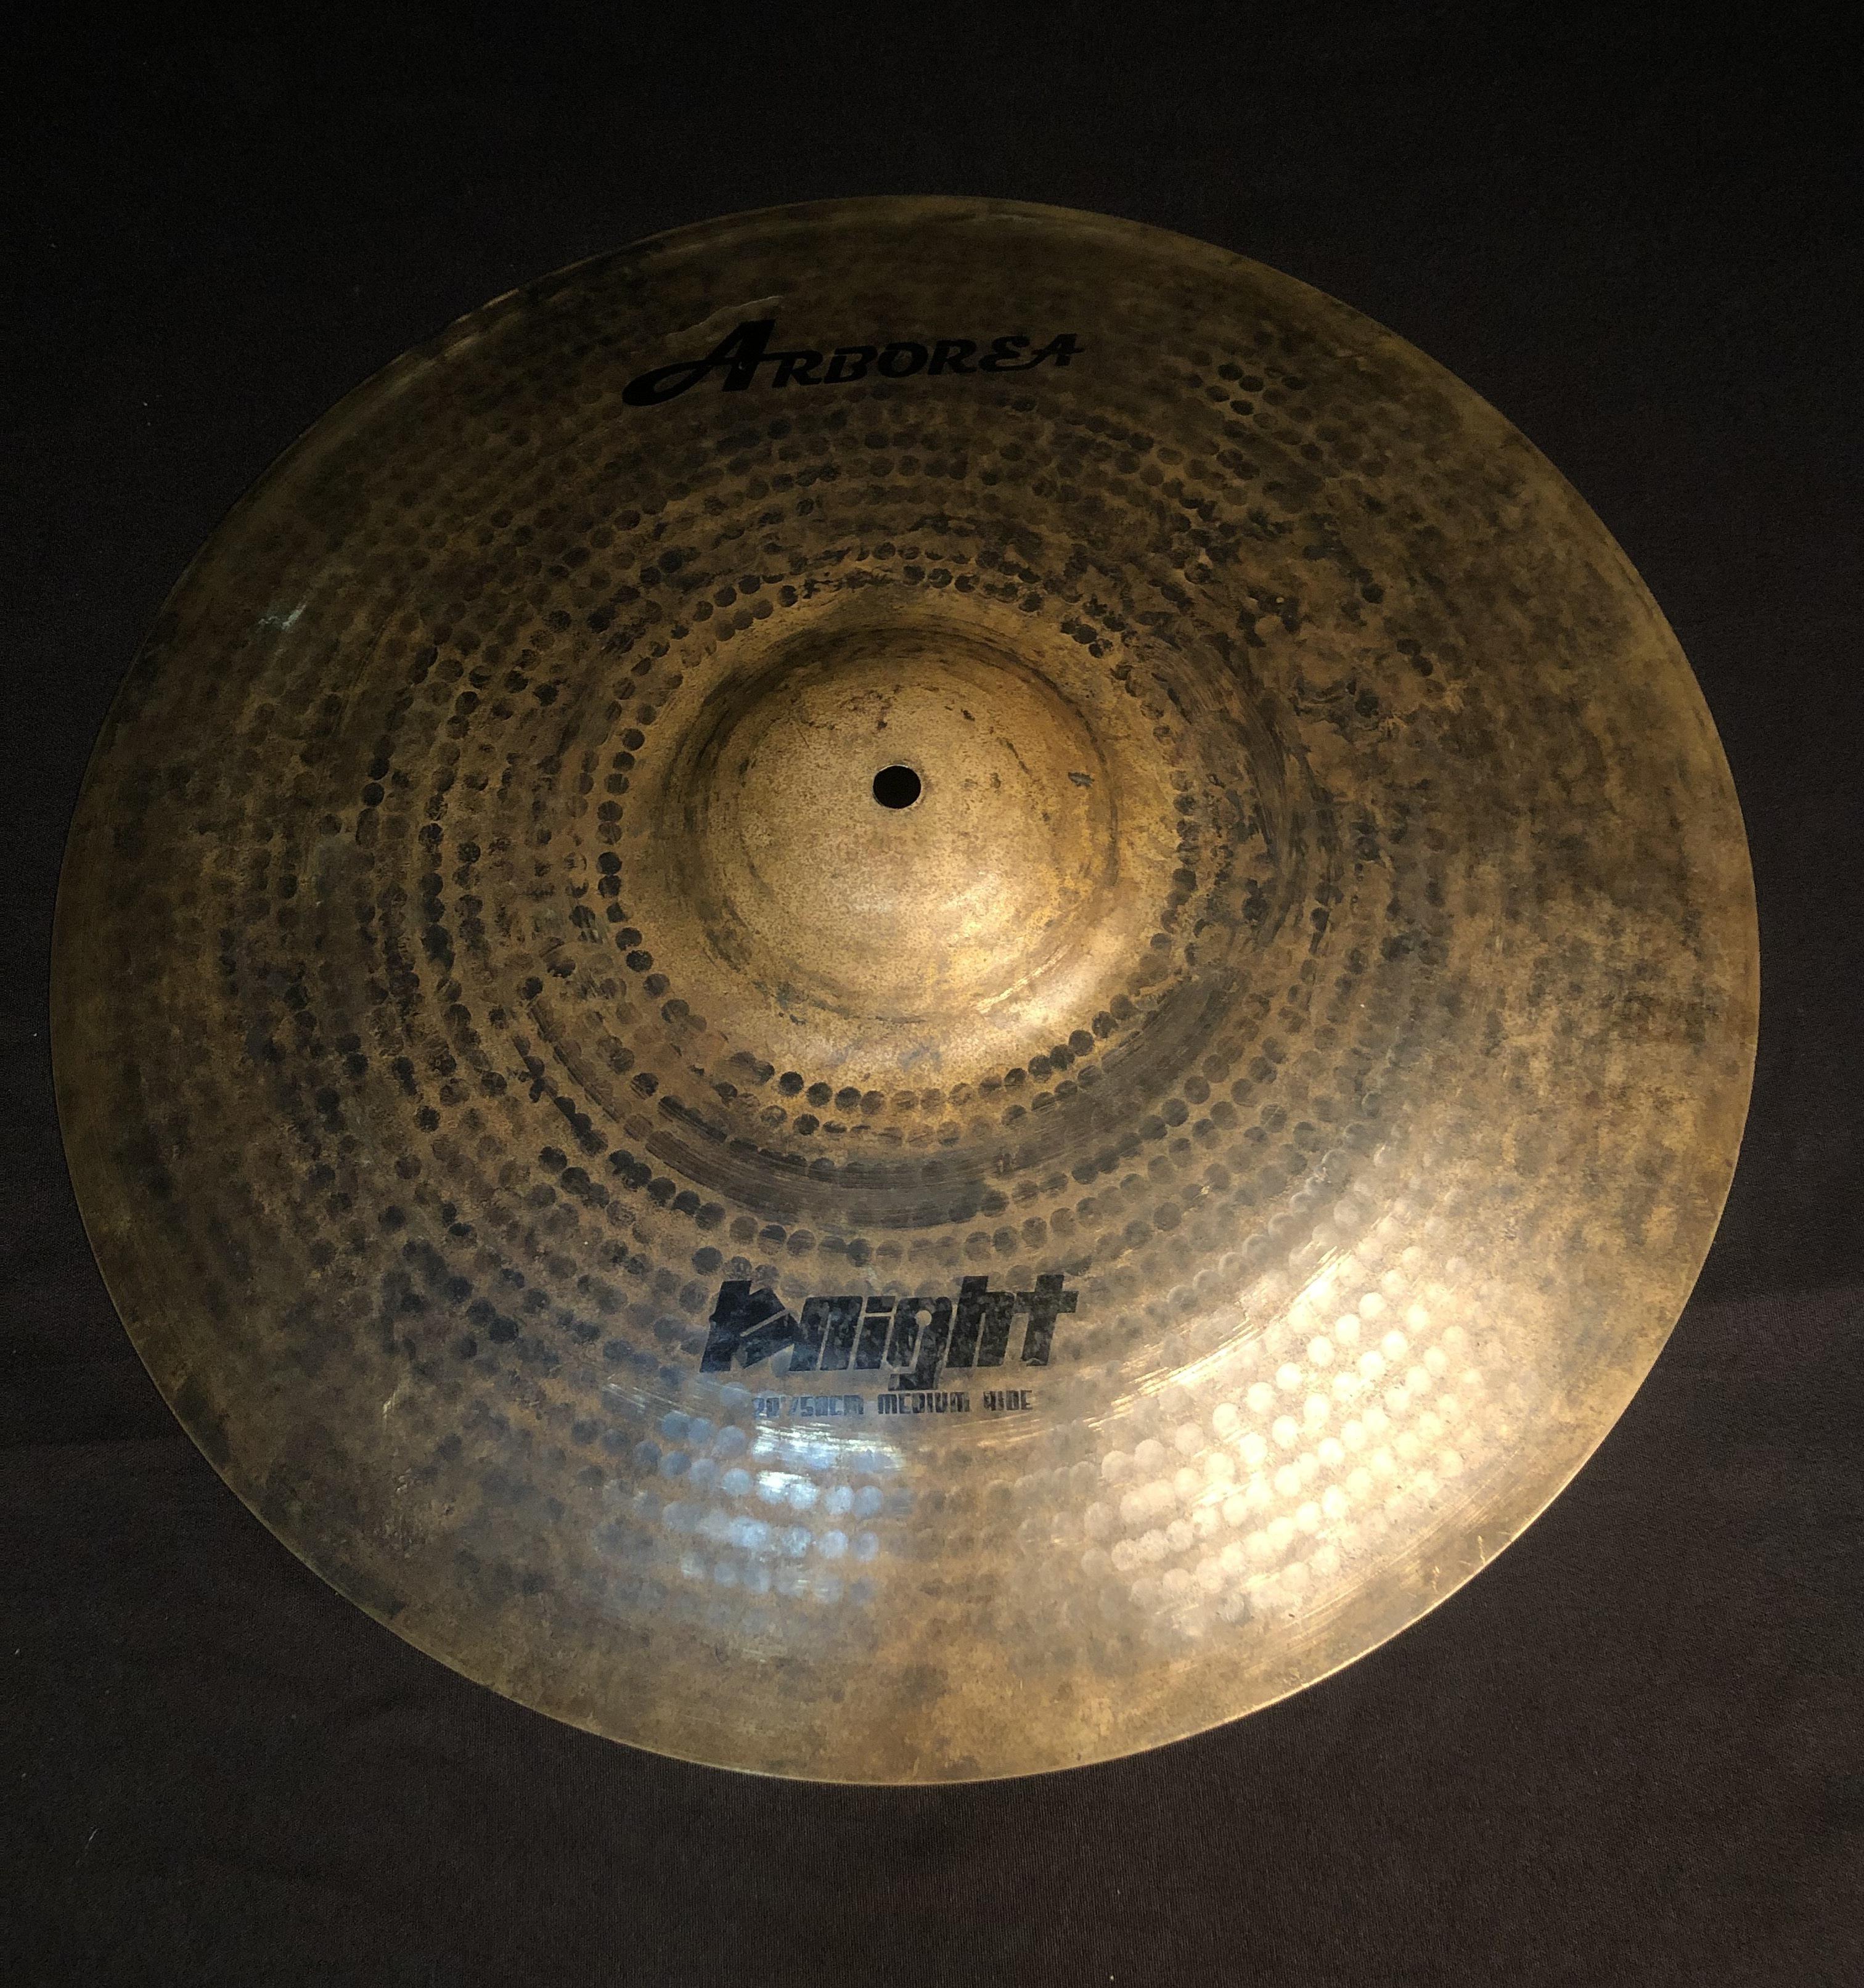 ARBOREA - Knight Ride Cymbal 20